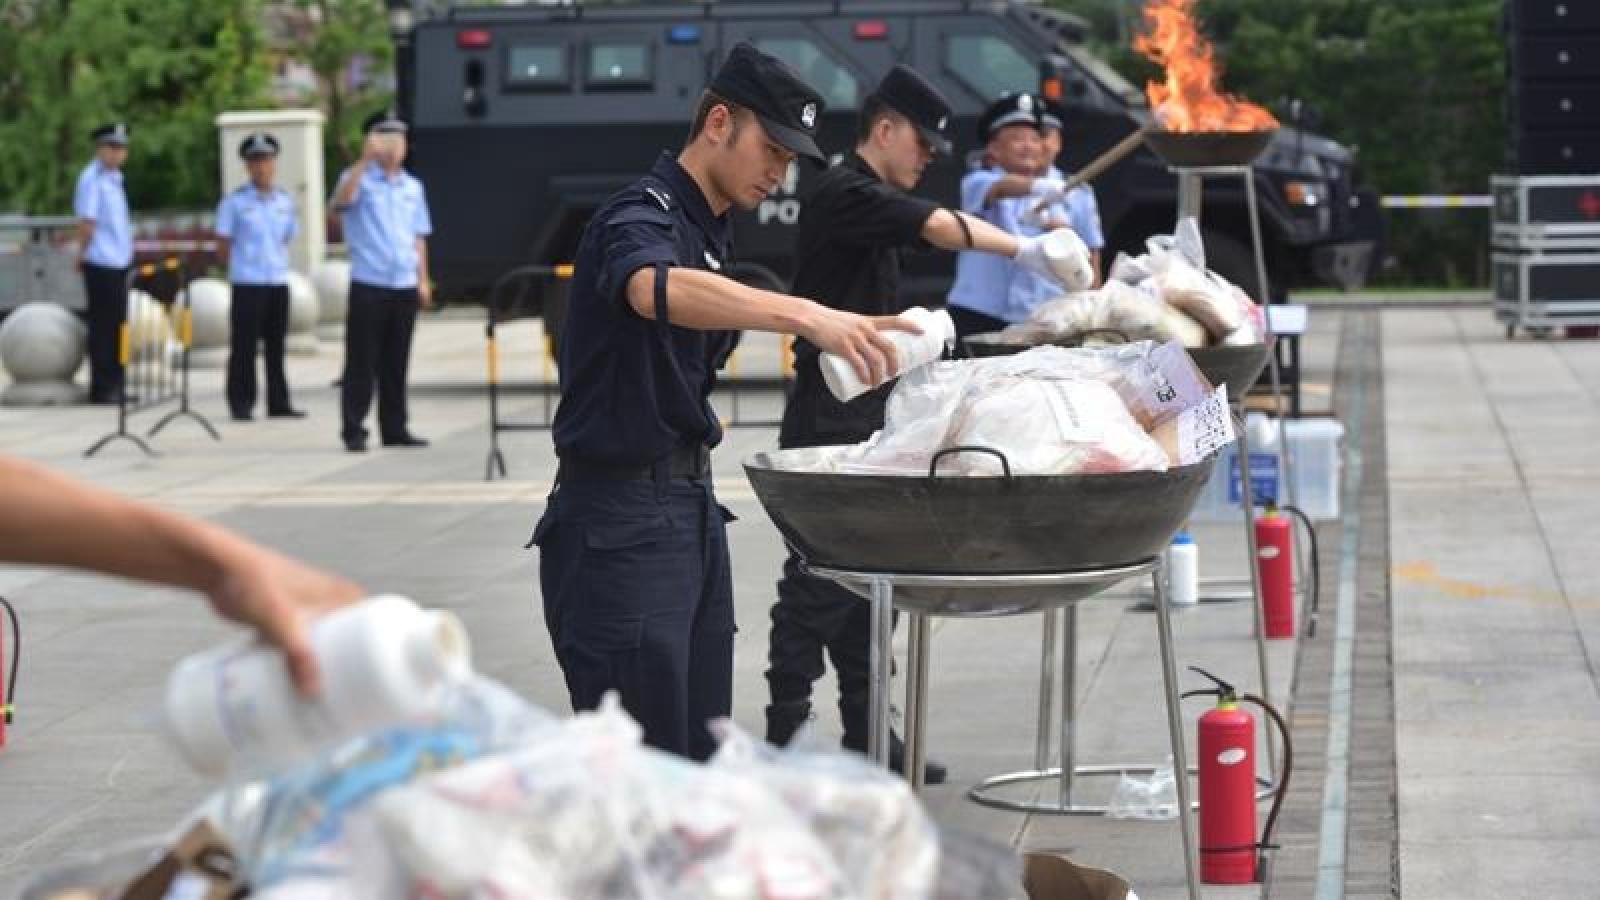 Trung Quốc vẫn còn hơn 2 triệu người nghiện ma túy